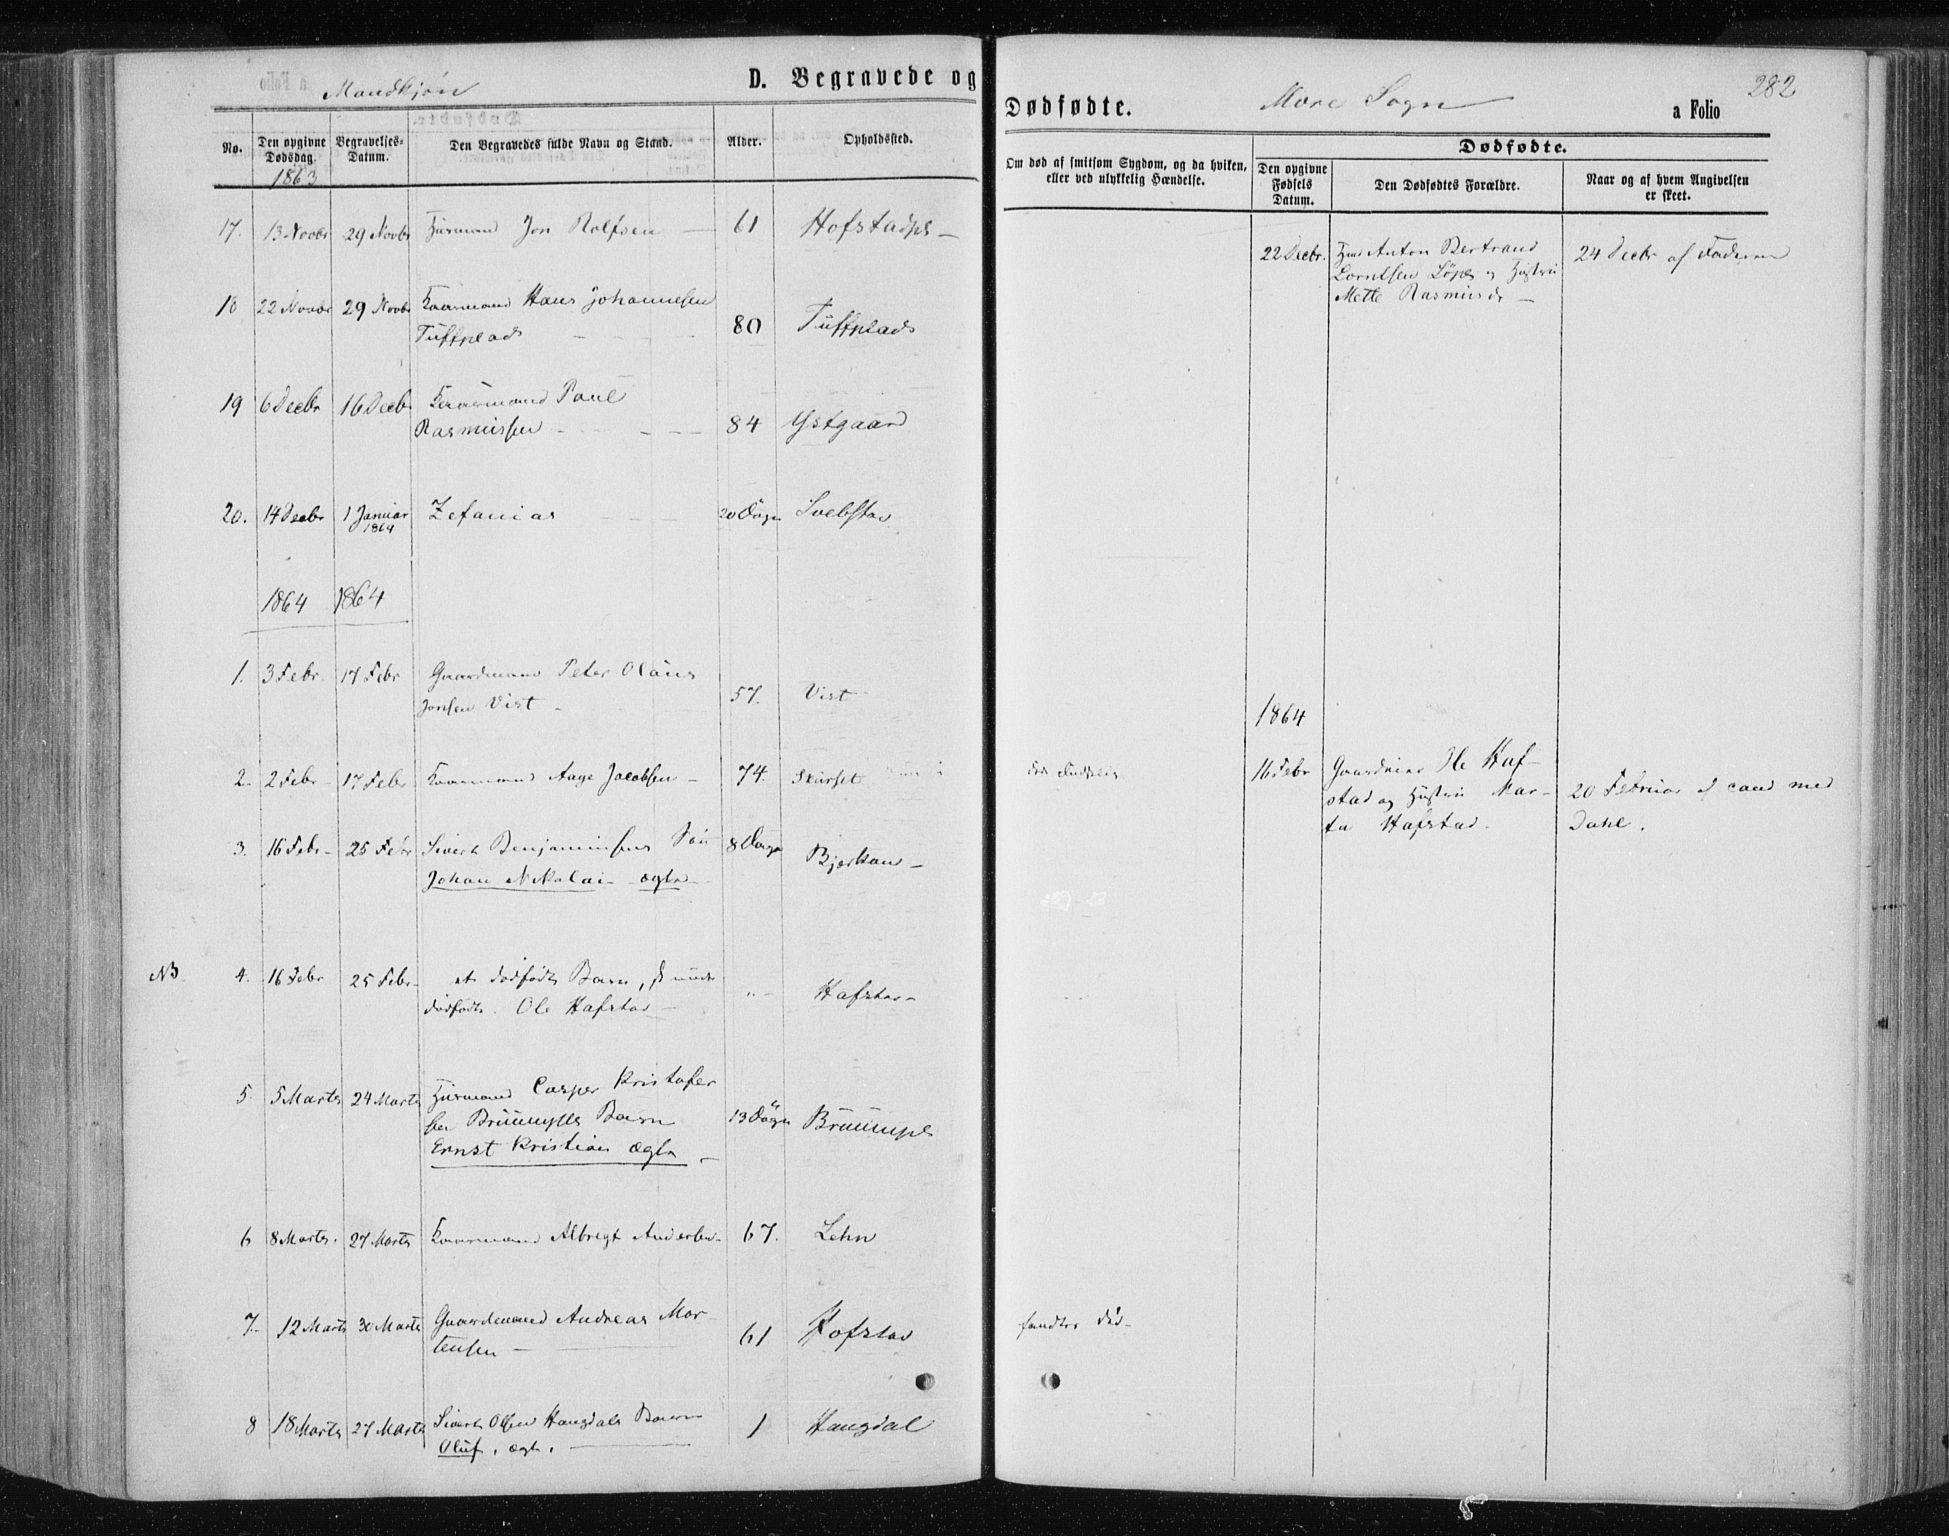 SAT, Ministerialprotokoller, klokkerbøker og fødselsregistre - Nord-Trøndelag, 735/L0345: Ministerialbok nr. 735A08 /1, 1863-1872, s. 282